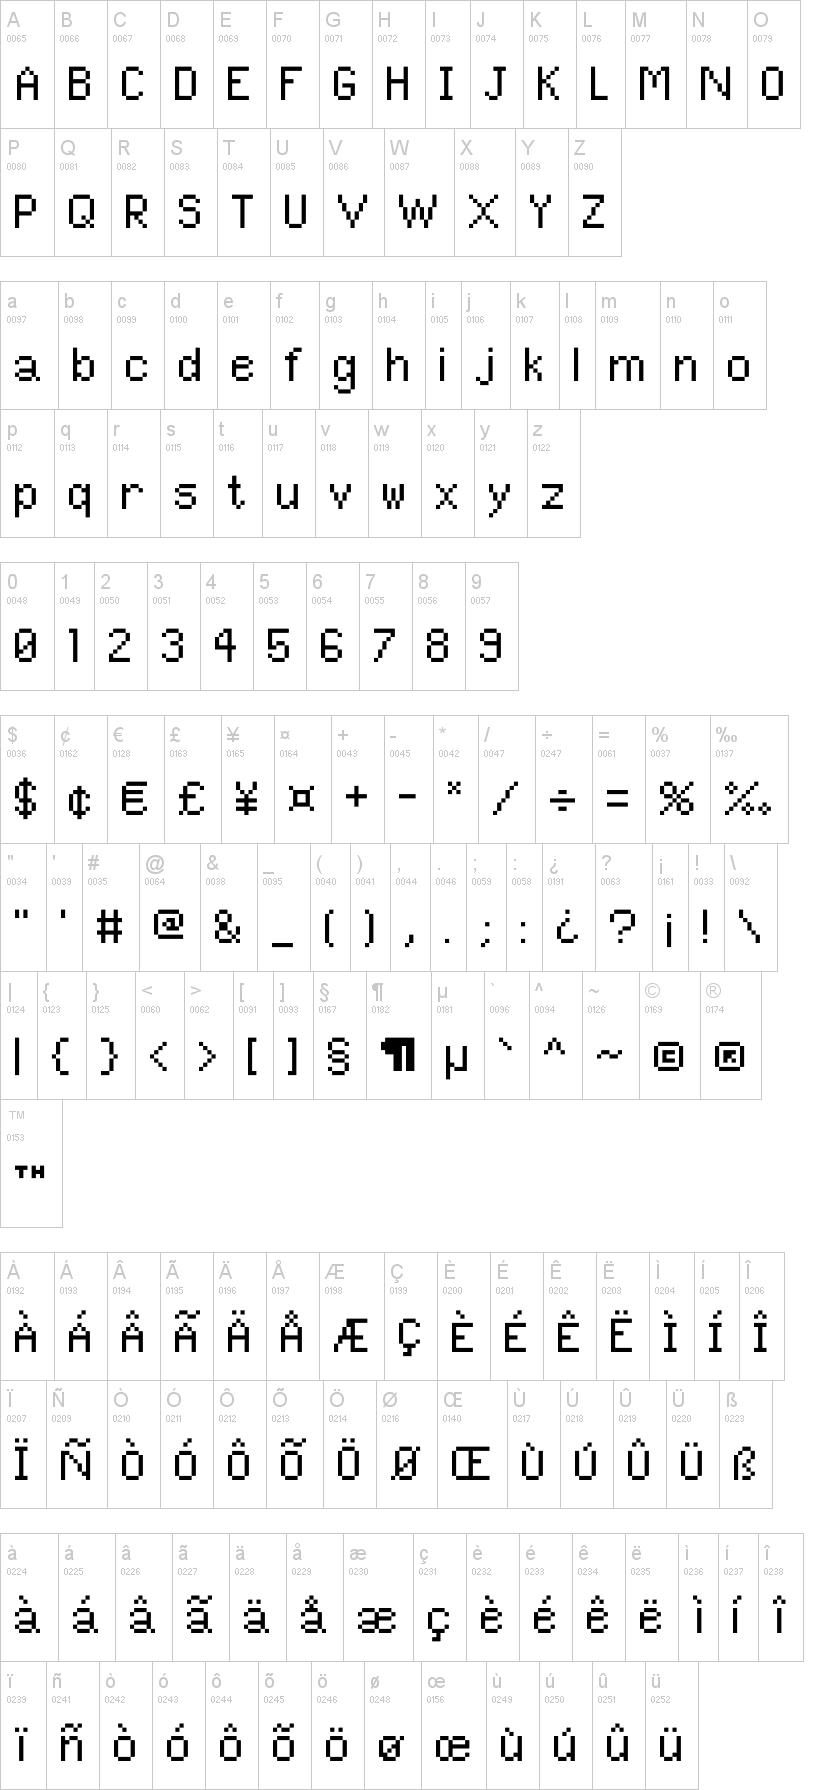 Pixel UniCode Font | dafont com